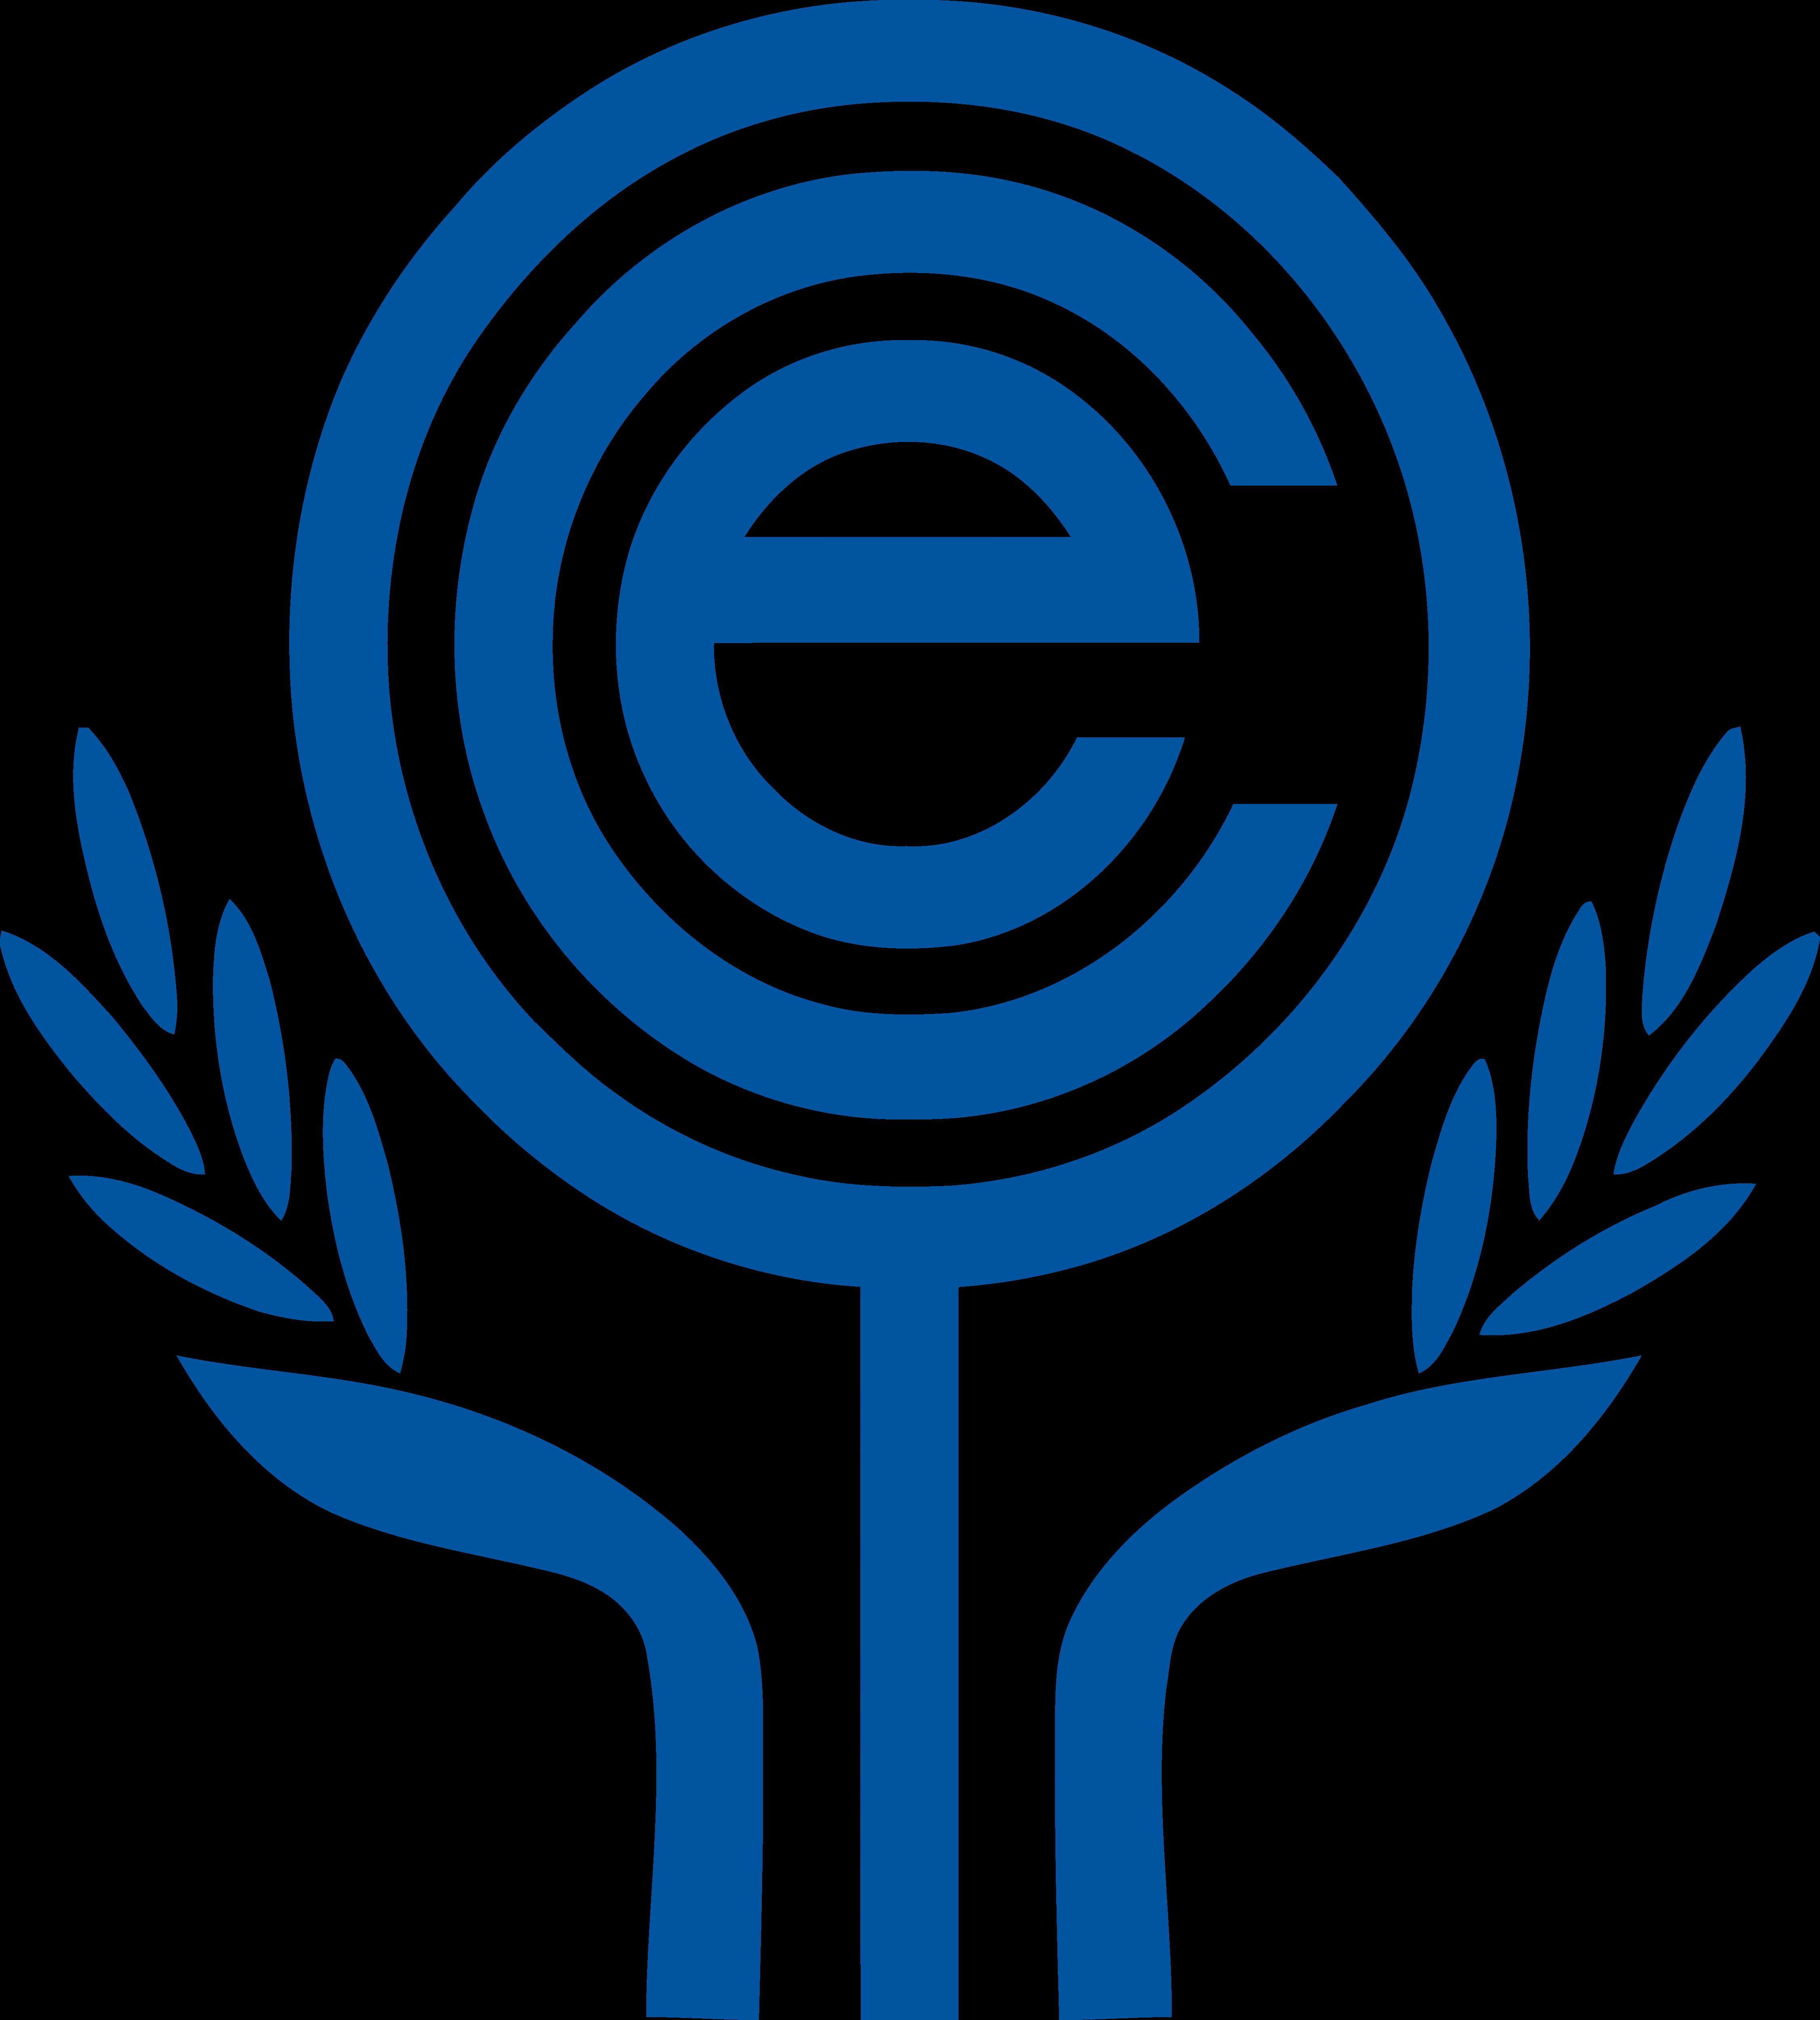 Economic Cooperation Organization - Logos Download